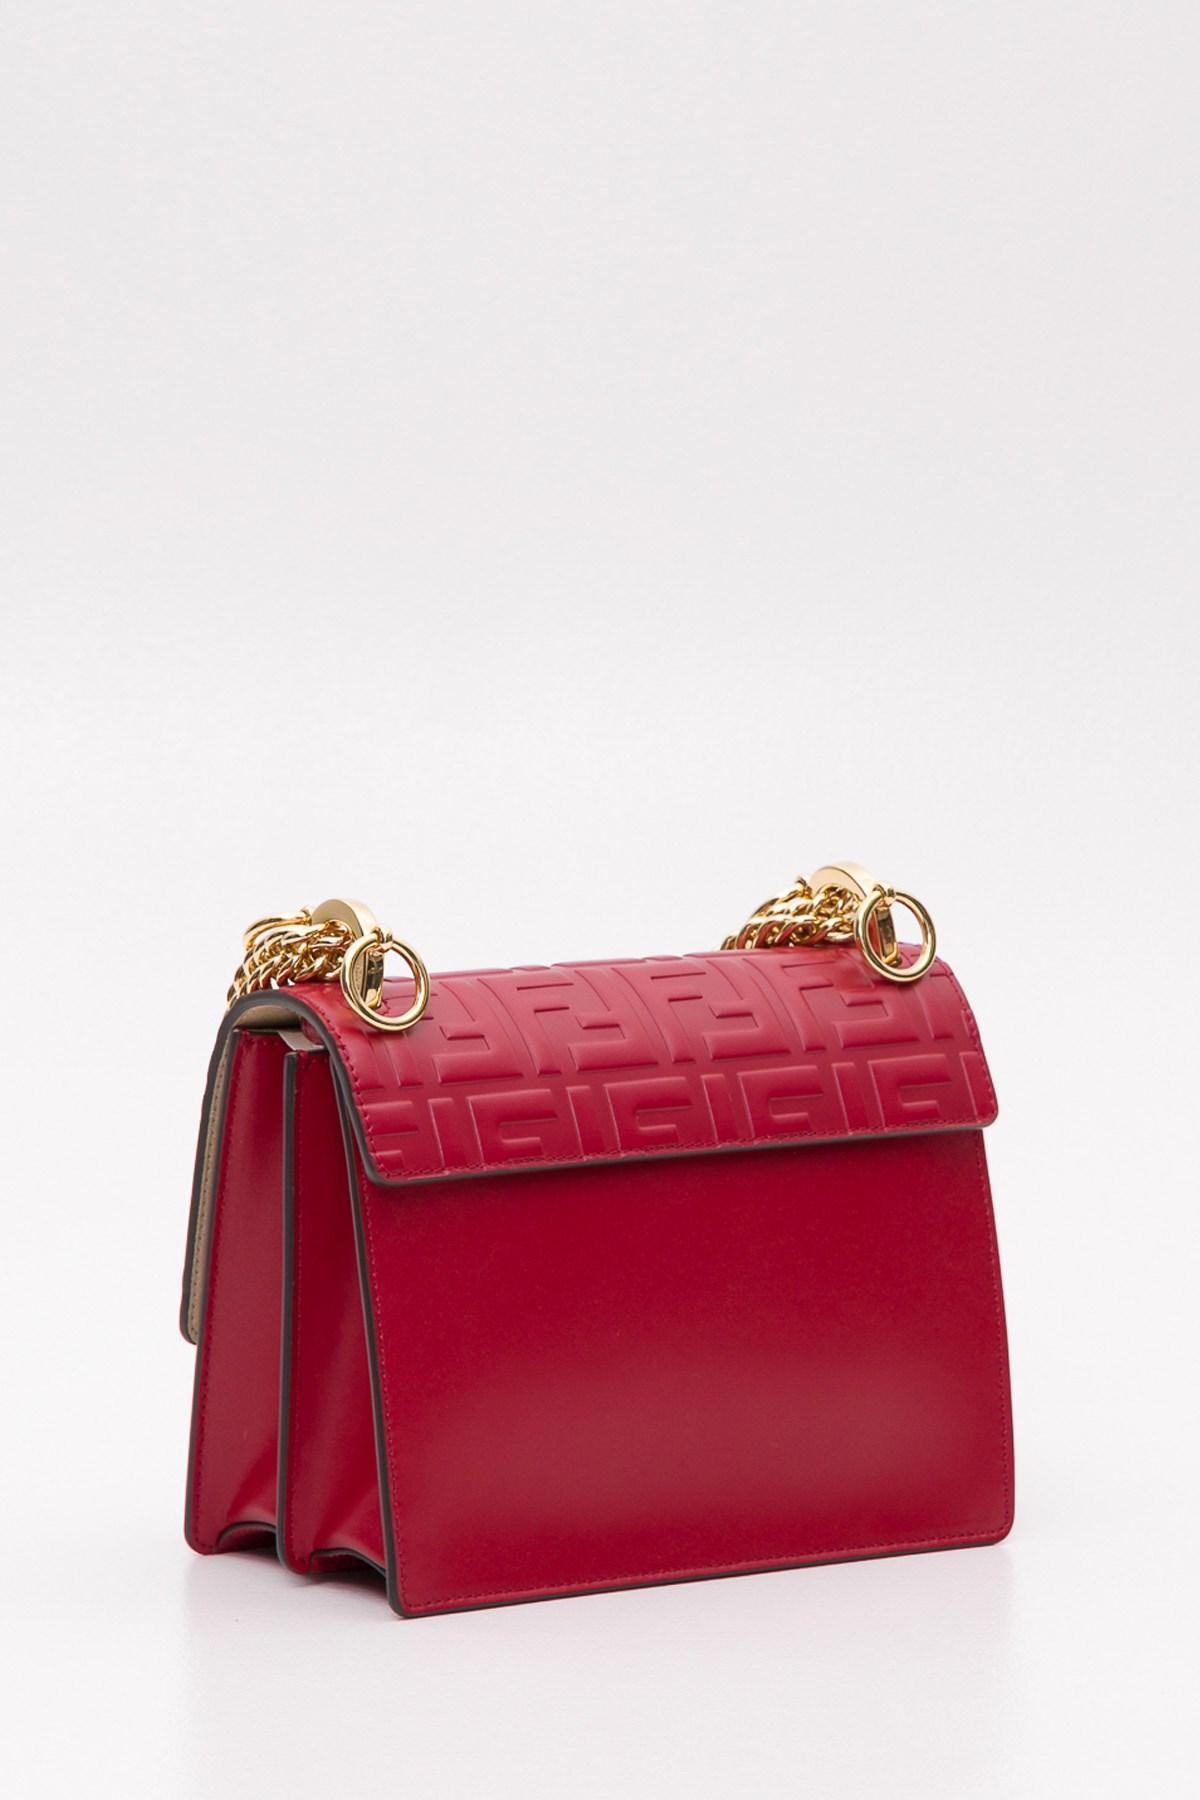 6aea8ce50be9 Fendi - Red Kan I Mini Shoulder Bag With Embossed Ff Motif - Lyst. View  fullscreen